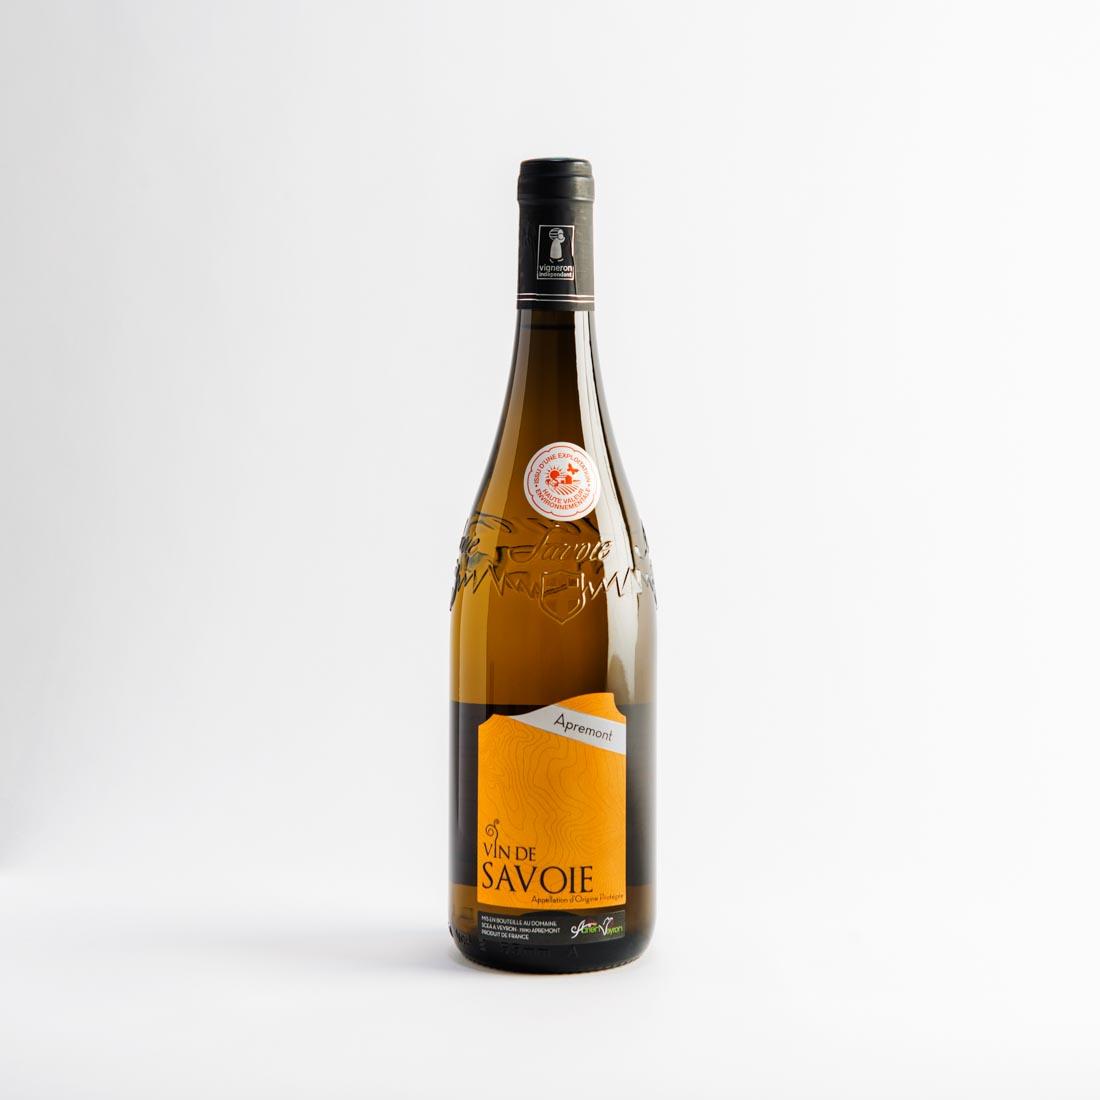 vins de savoie apremont adrien veyron et fils